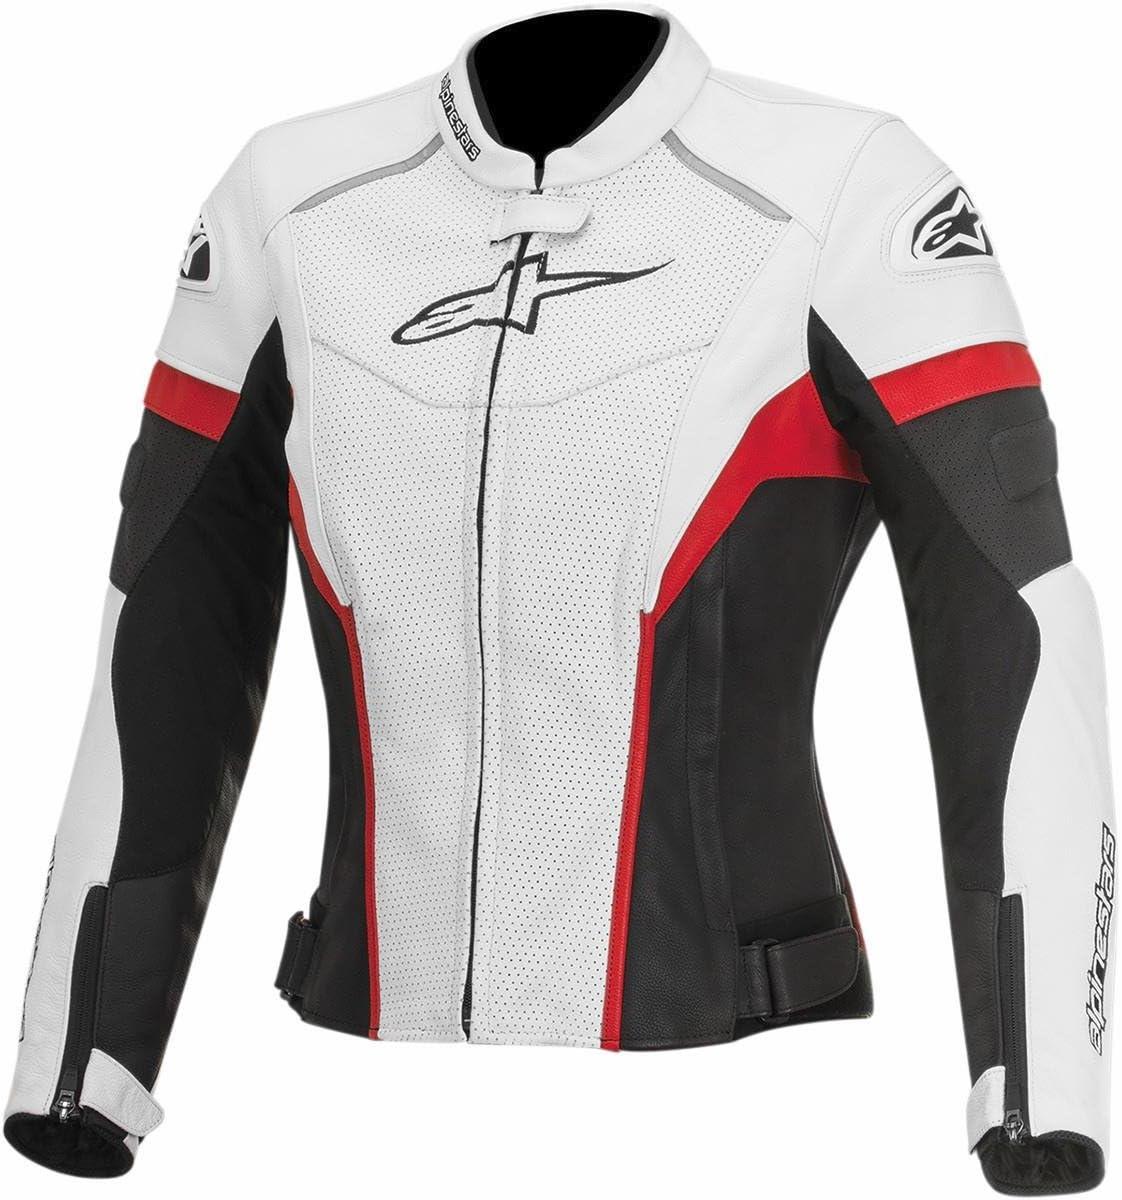 Alpinestars Gp Plus R Perforated Damen Street Motorrad Jacken Weiß Schwarz Rot Auto